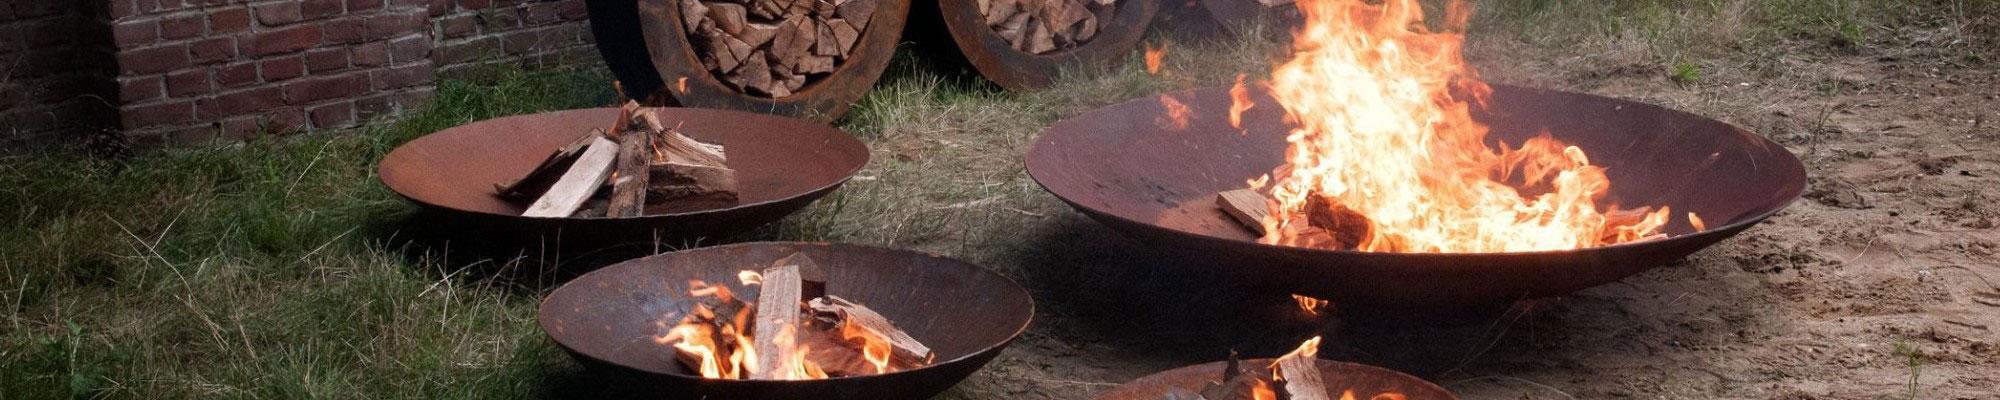 Feuerschalen aus Cortenstahl